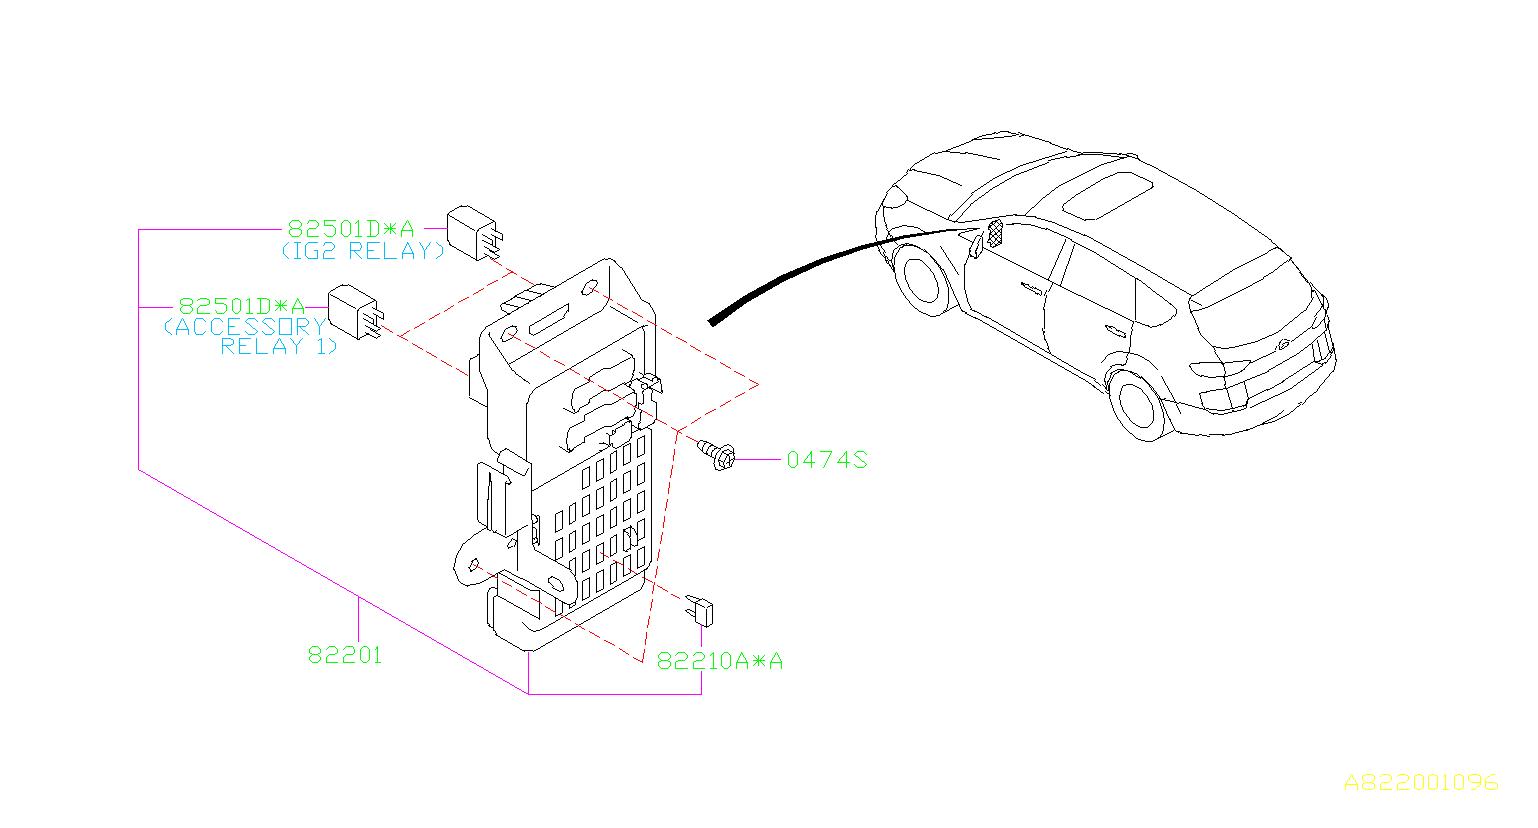 Subaru Tribeca Accessory Power Relay Box Fuse Main